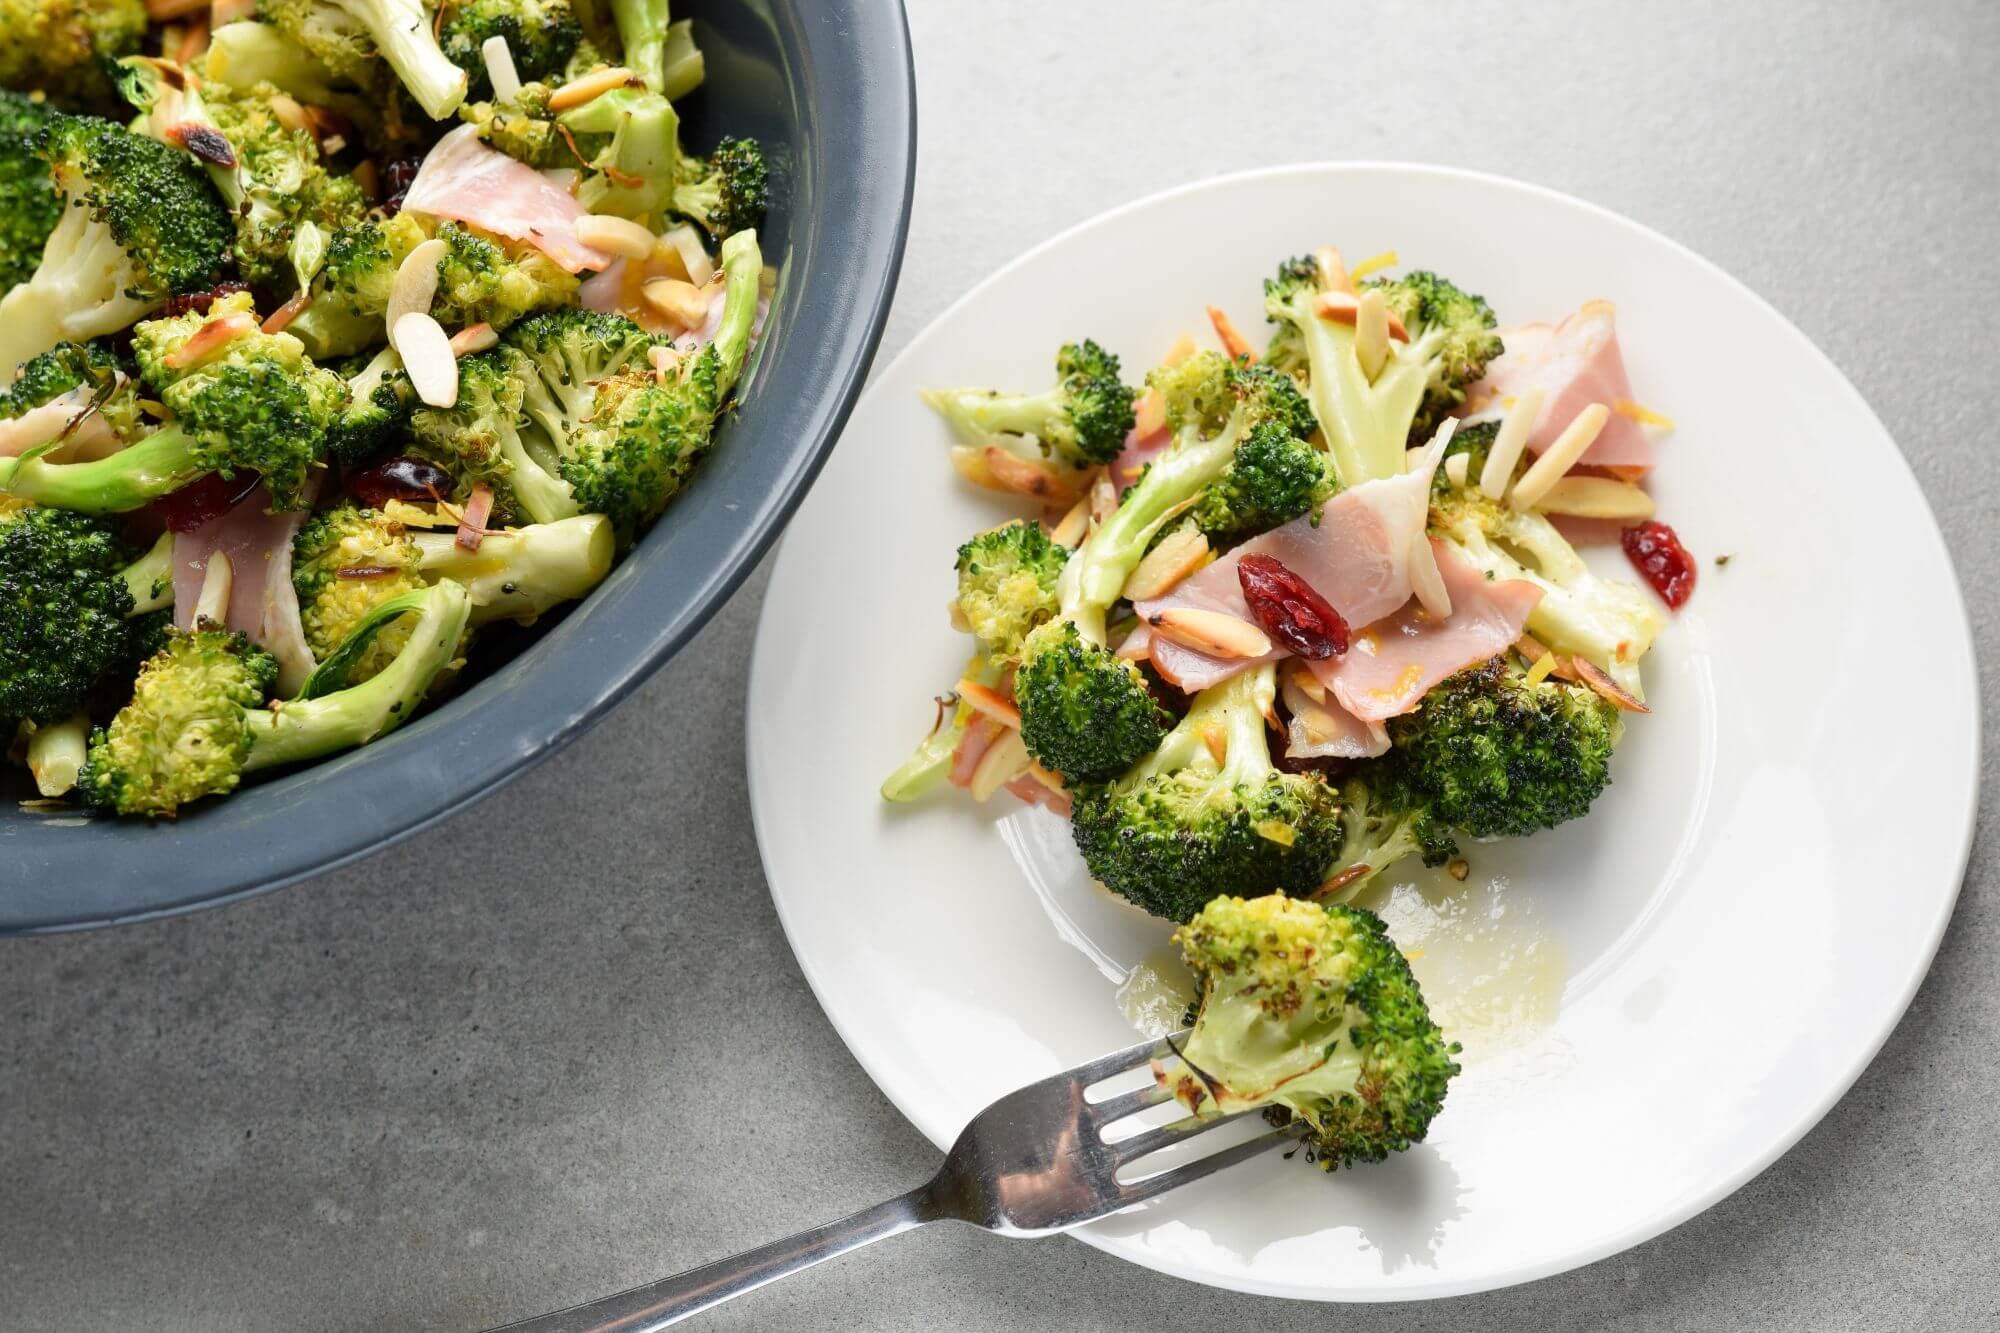 Zdrowa-kolacja-salatka-z-brokulem-i-boczkiem-parzonym